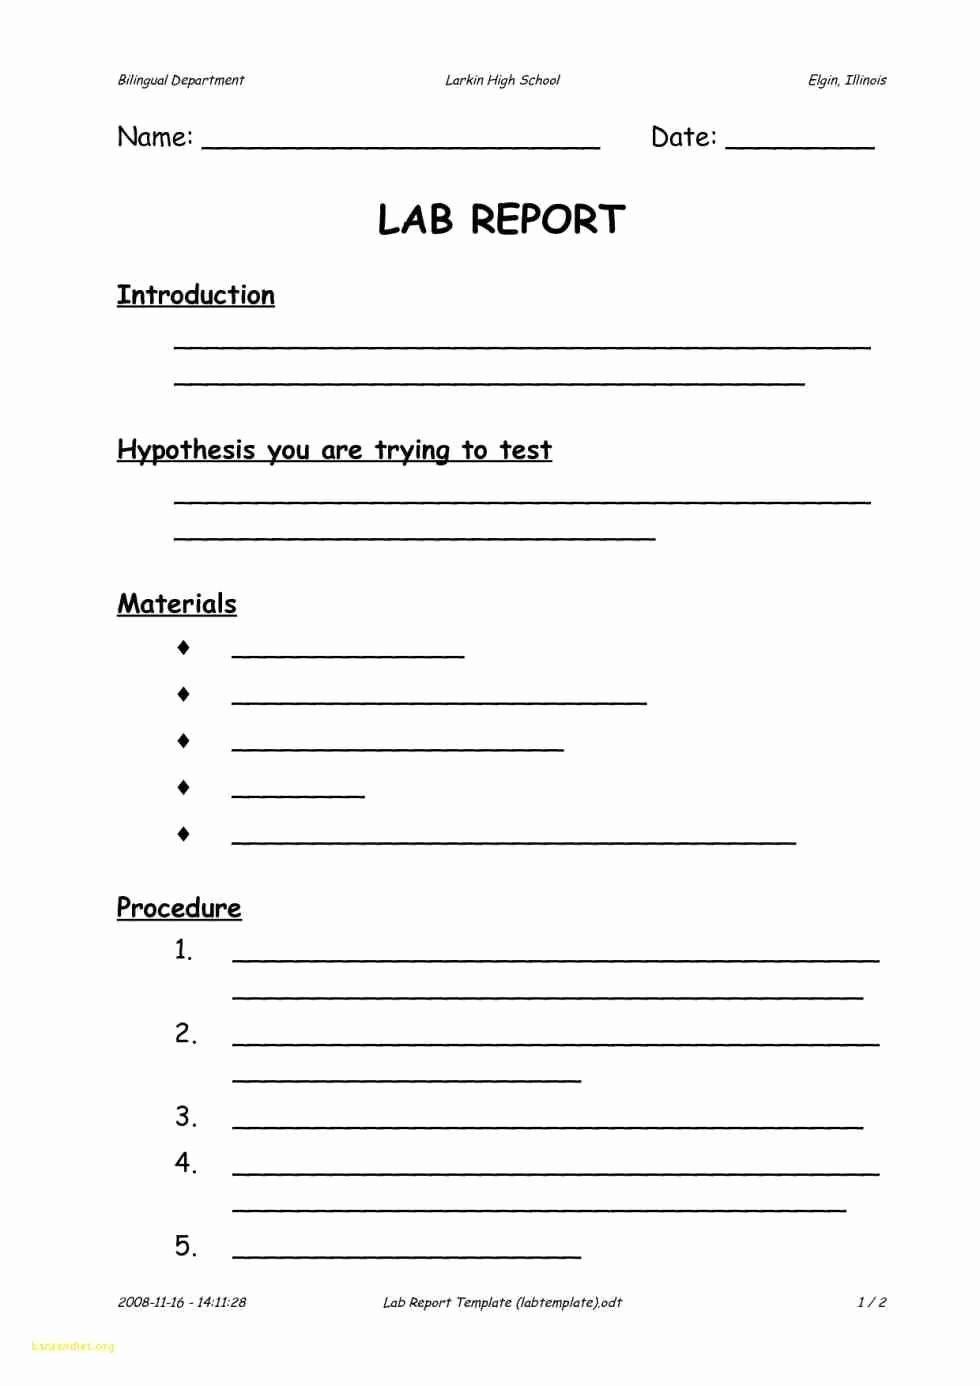 Scientific Method Worksheet Middle School